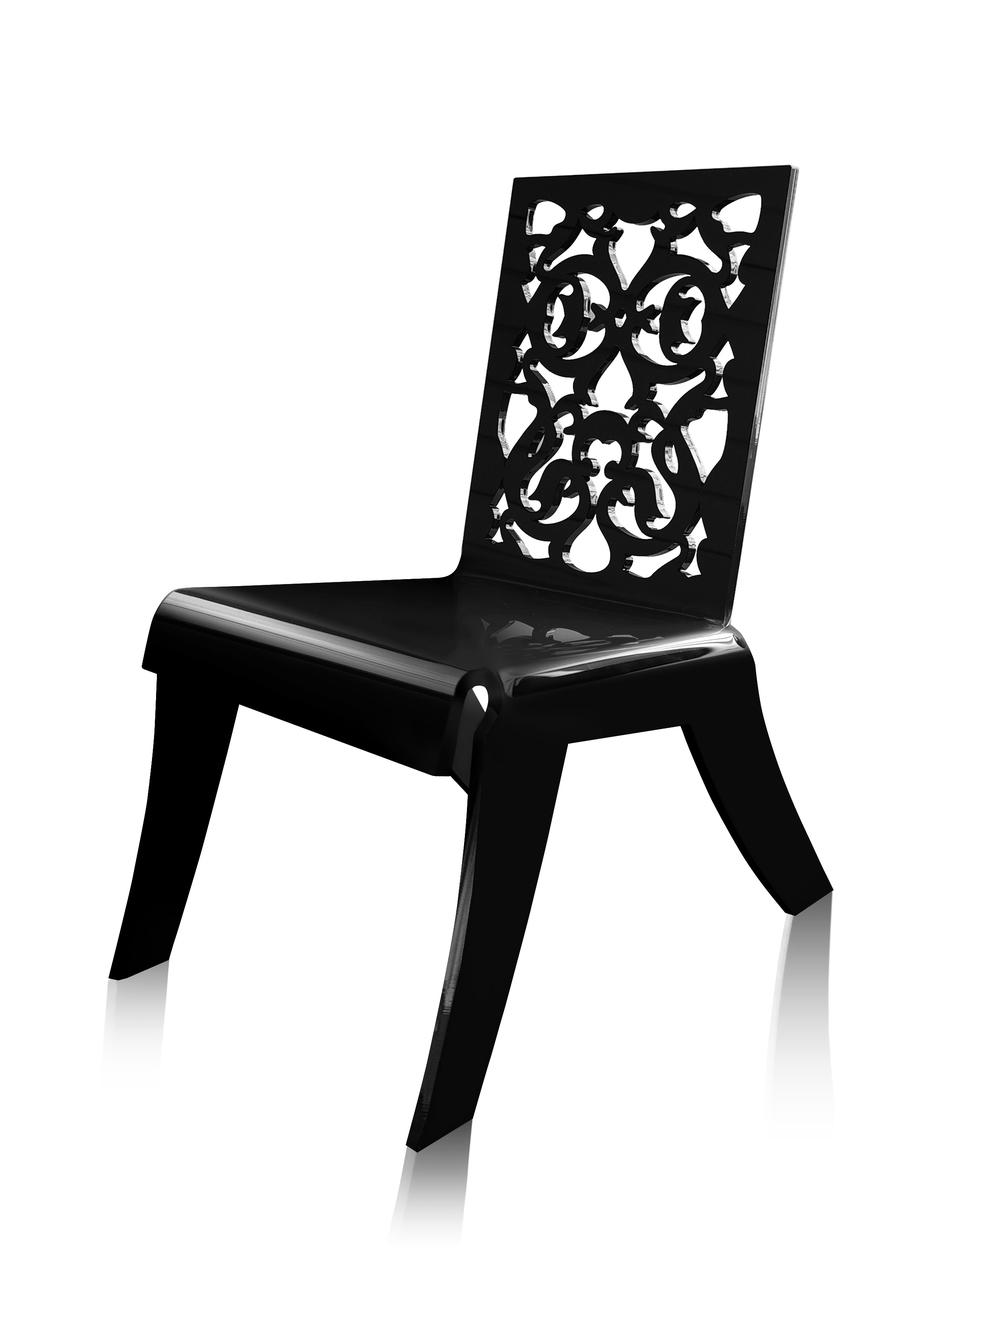 Chaise Relax dentelle noir.jpg